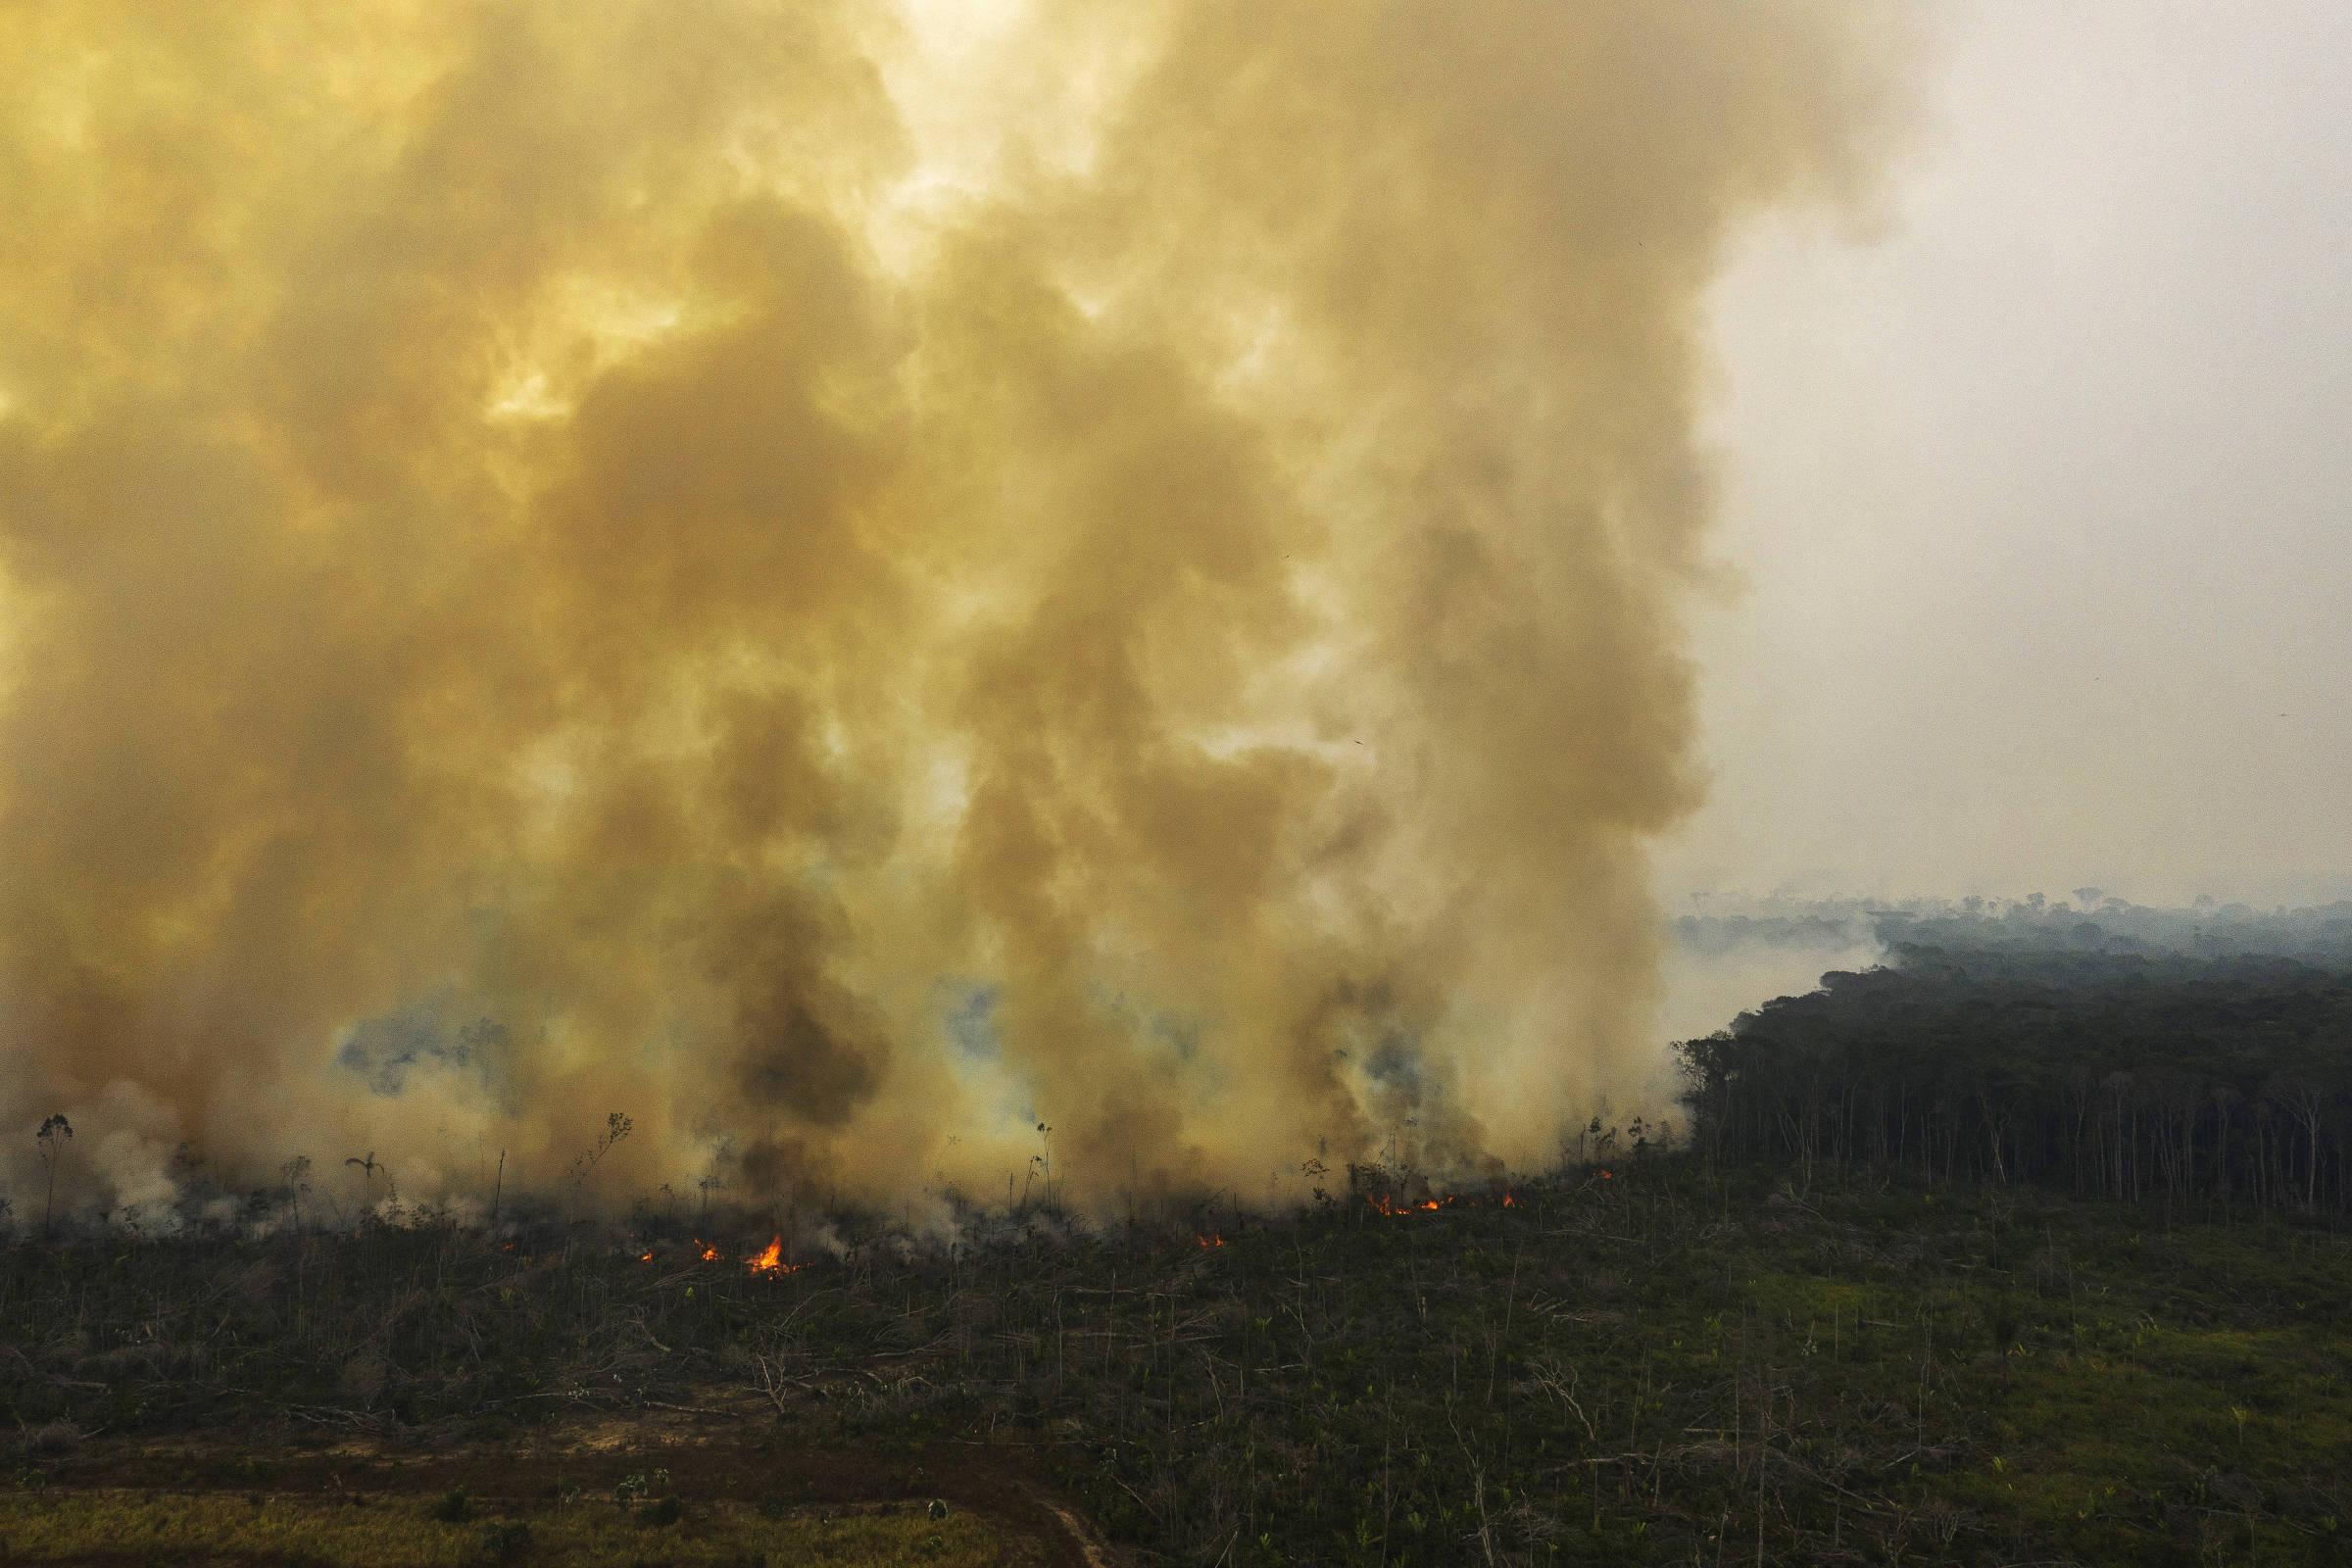 Queimada em Área desmatada no município de Humaitá, no sul do Amazonas